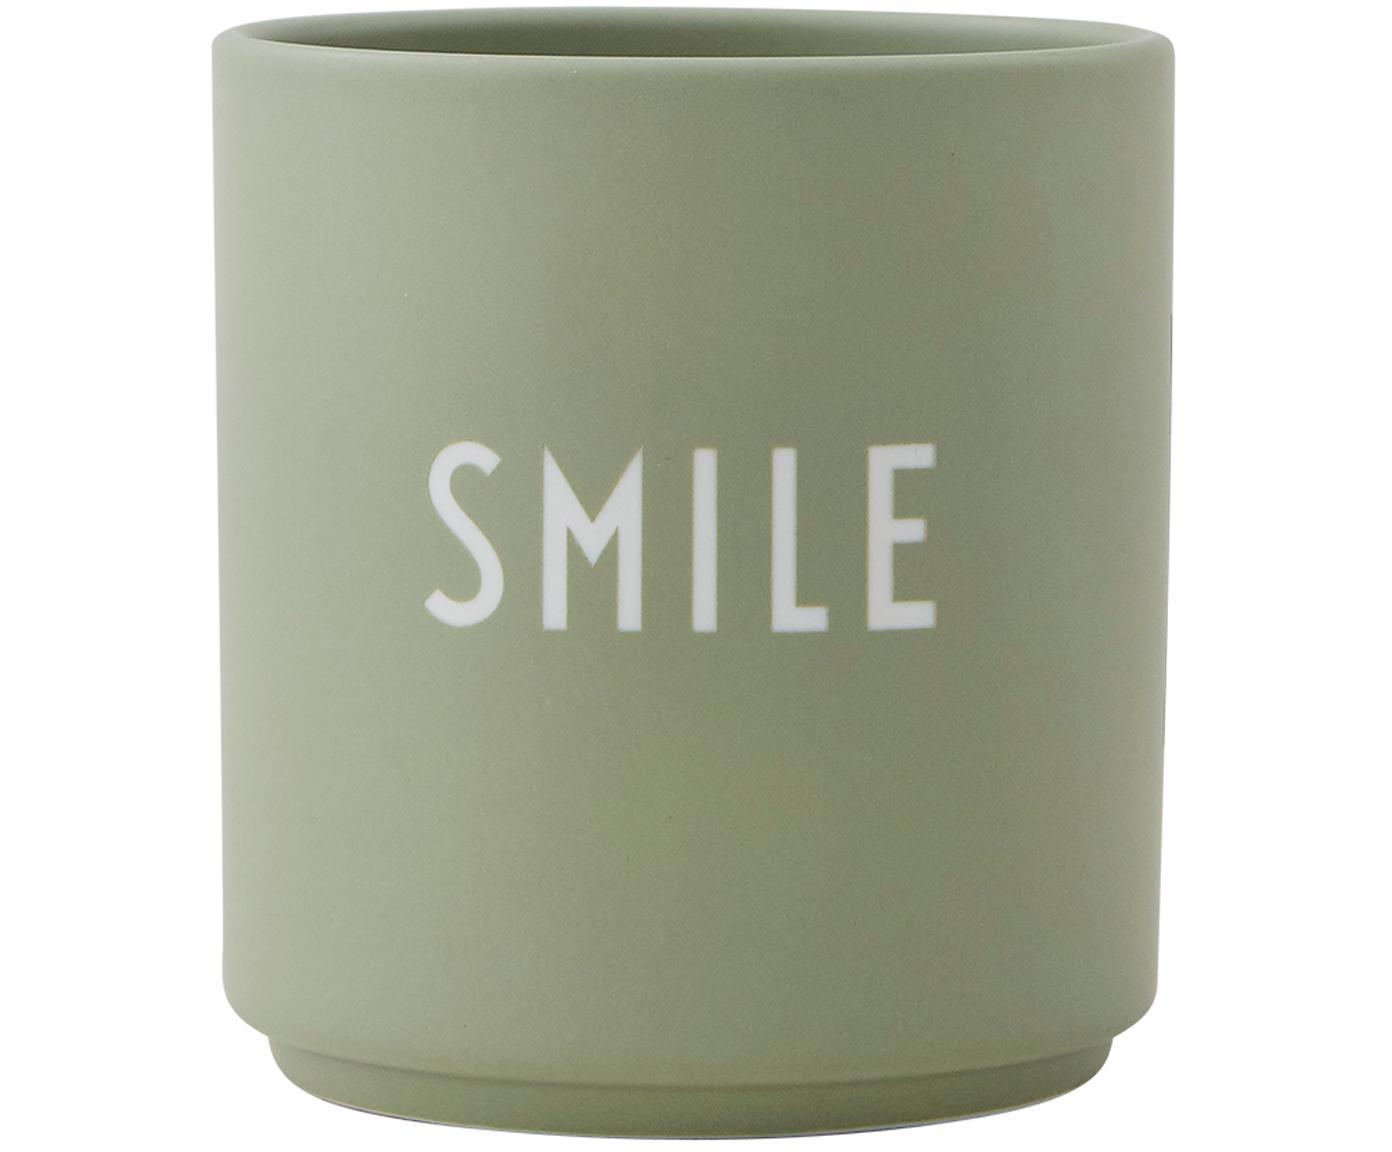 Design Becher Favourite SMILE in Mint mit Schriftzug, Fine Bone China (Porzellan), Grün, Weiß, Ø 8 x H 9 cm